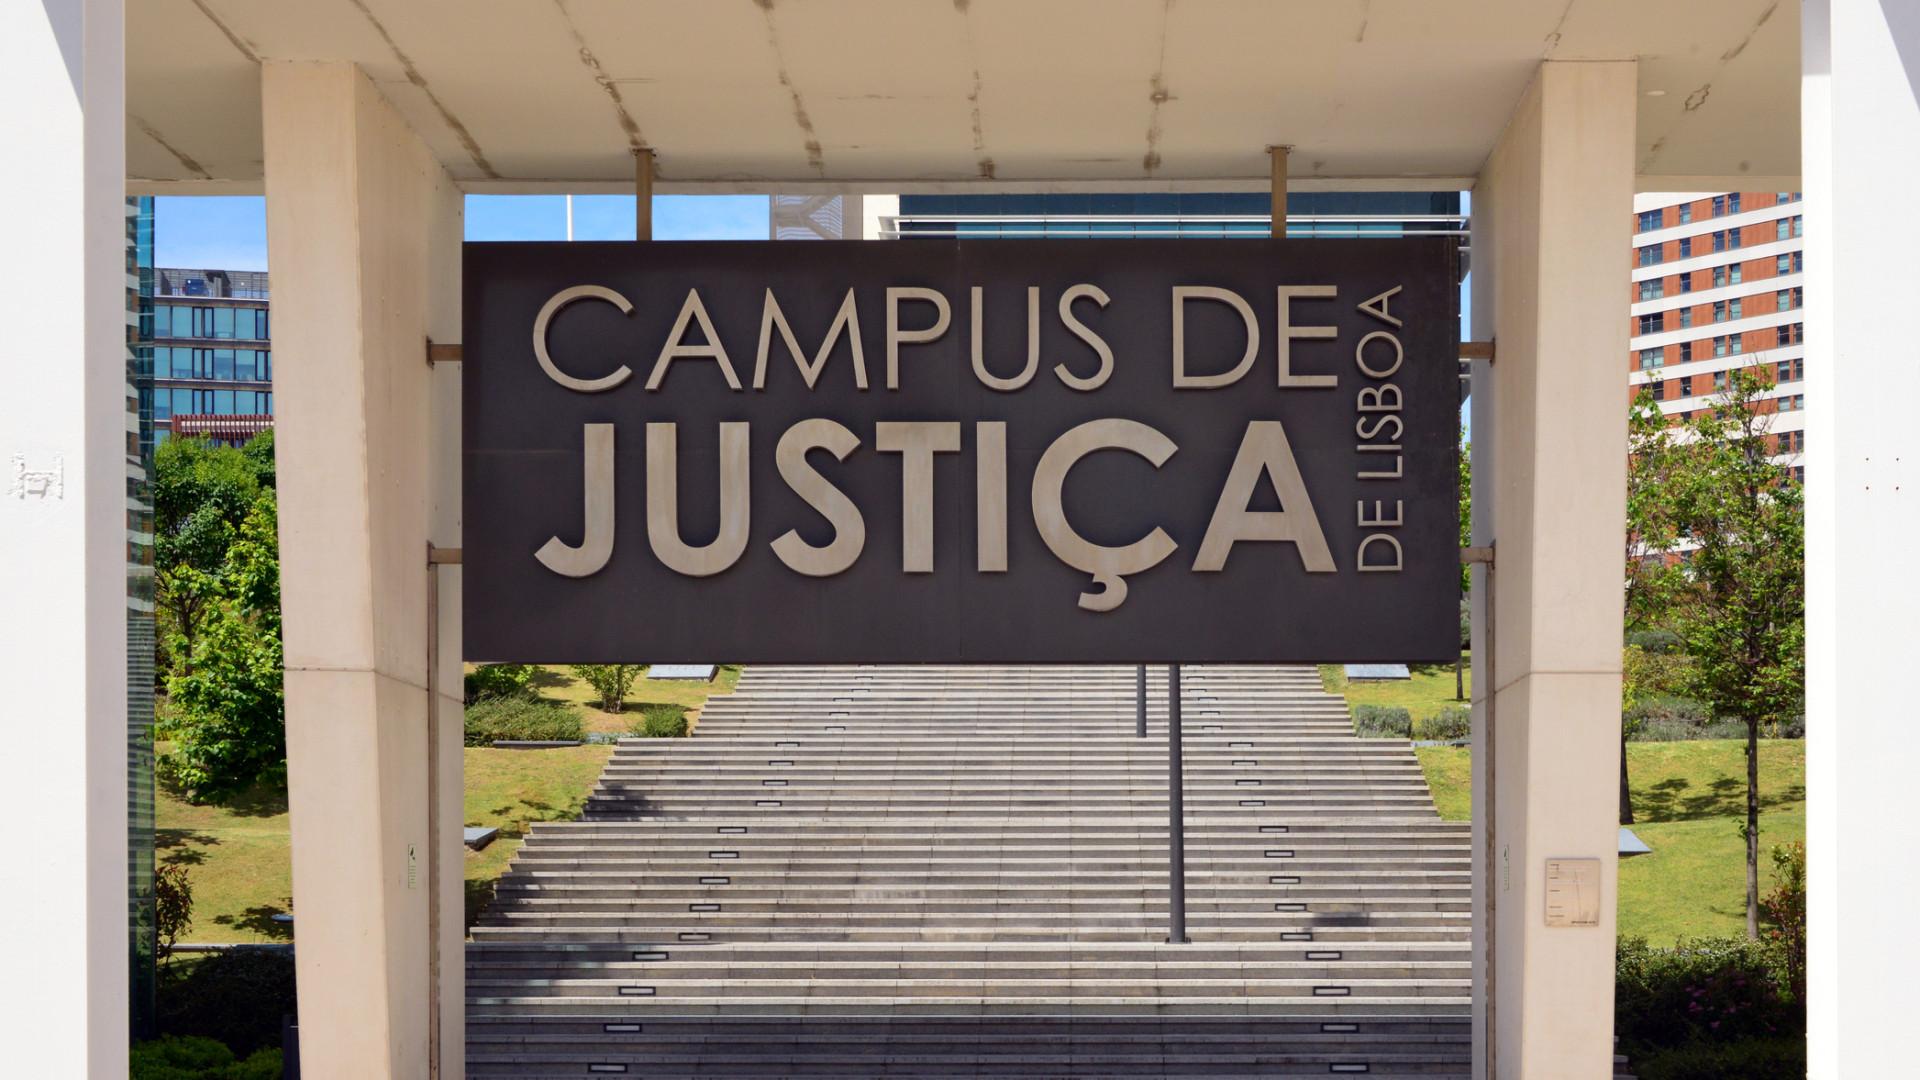 Faltam inspeções aos elevadores do Campus de Justiça, avisam juízes